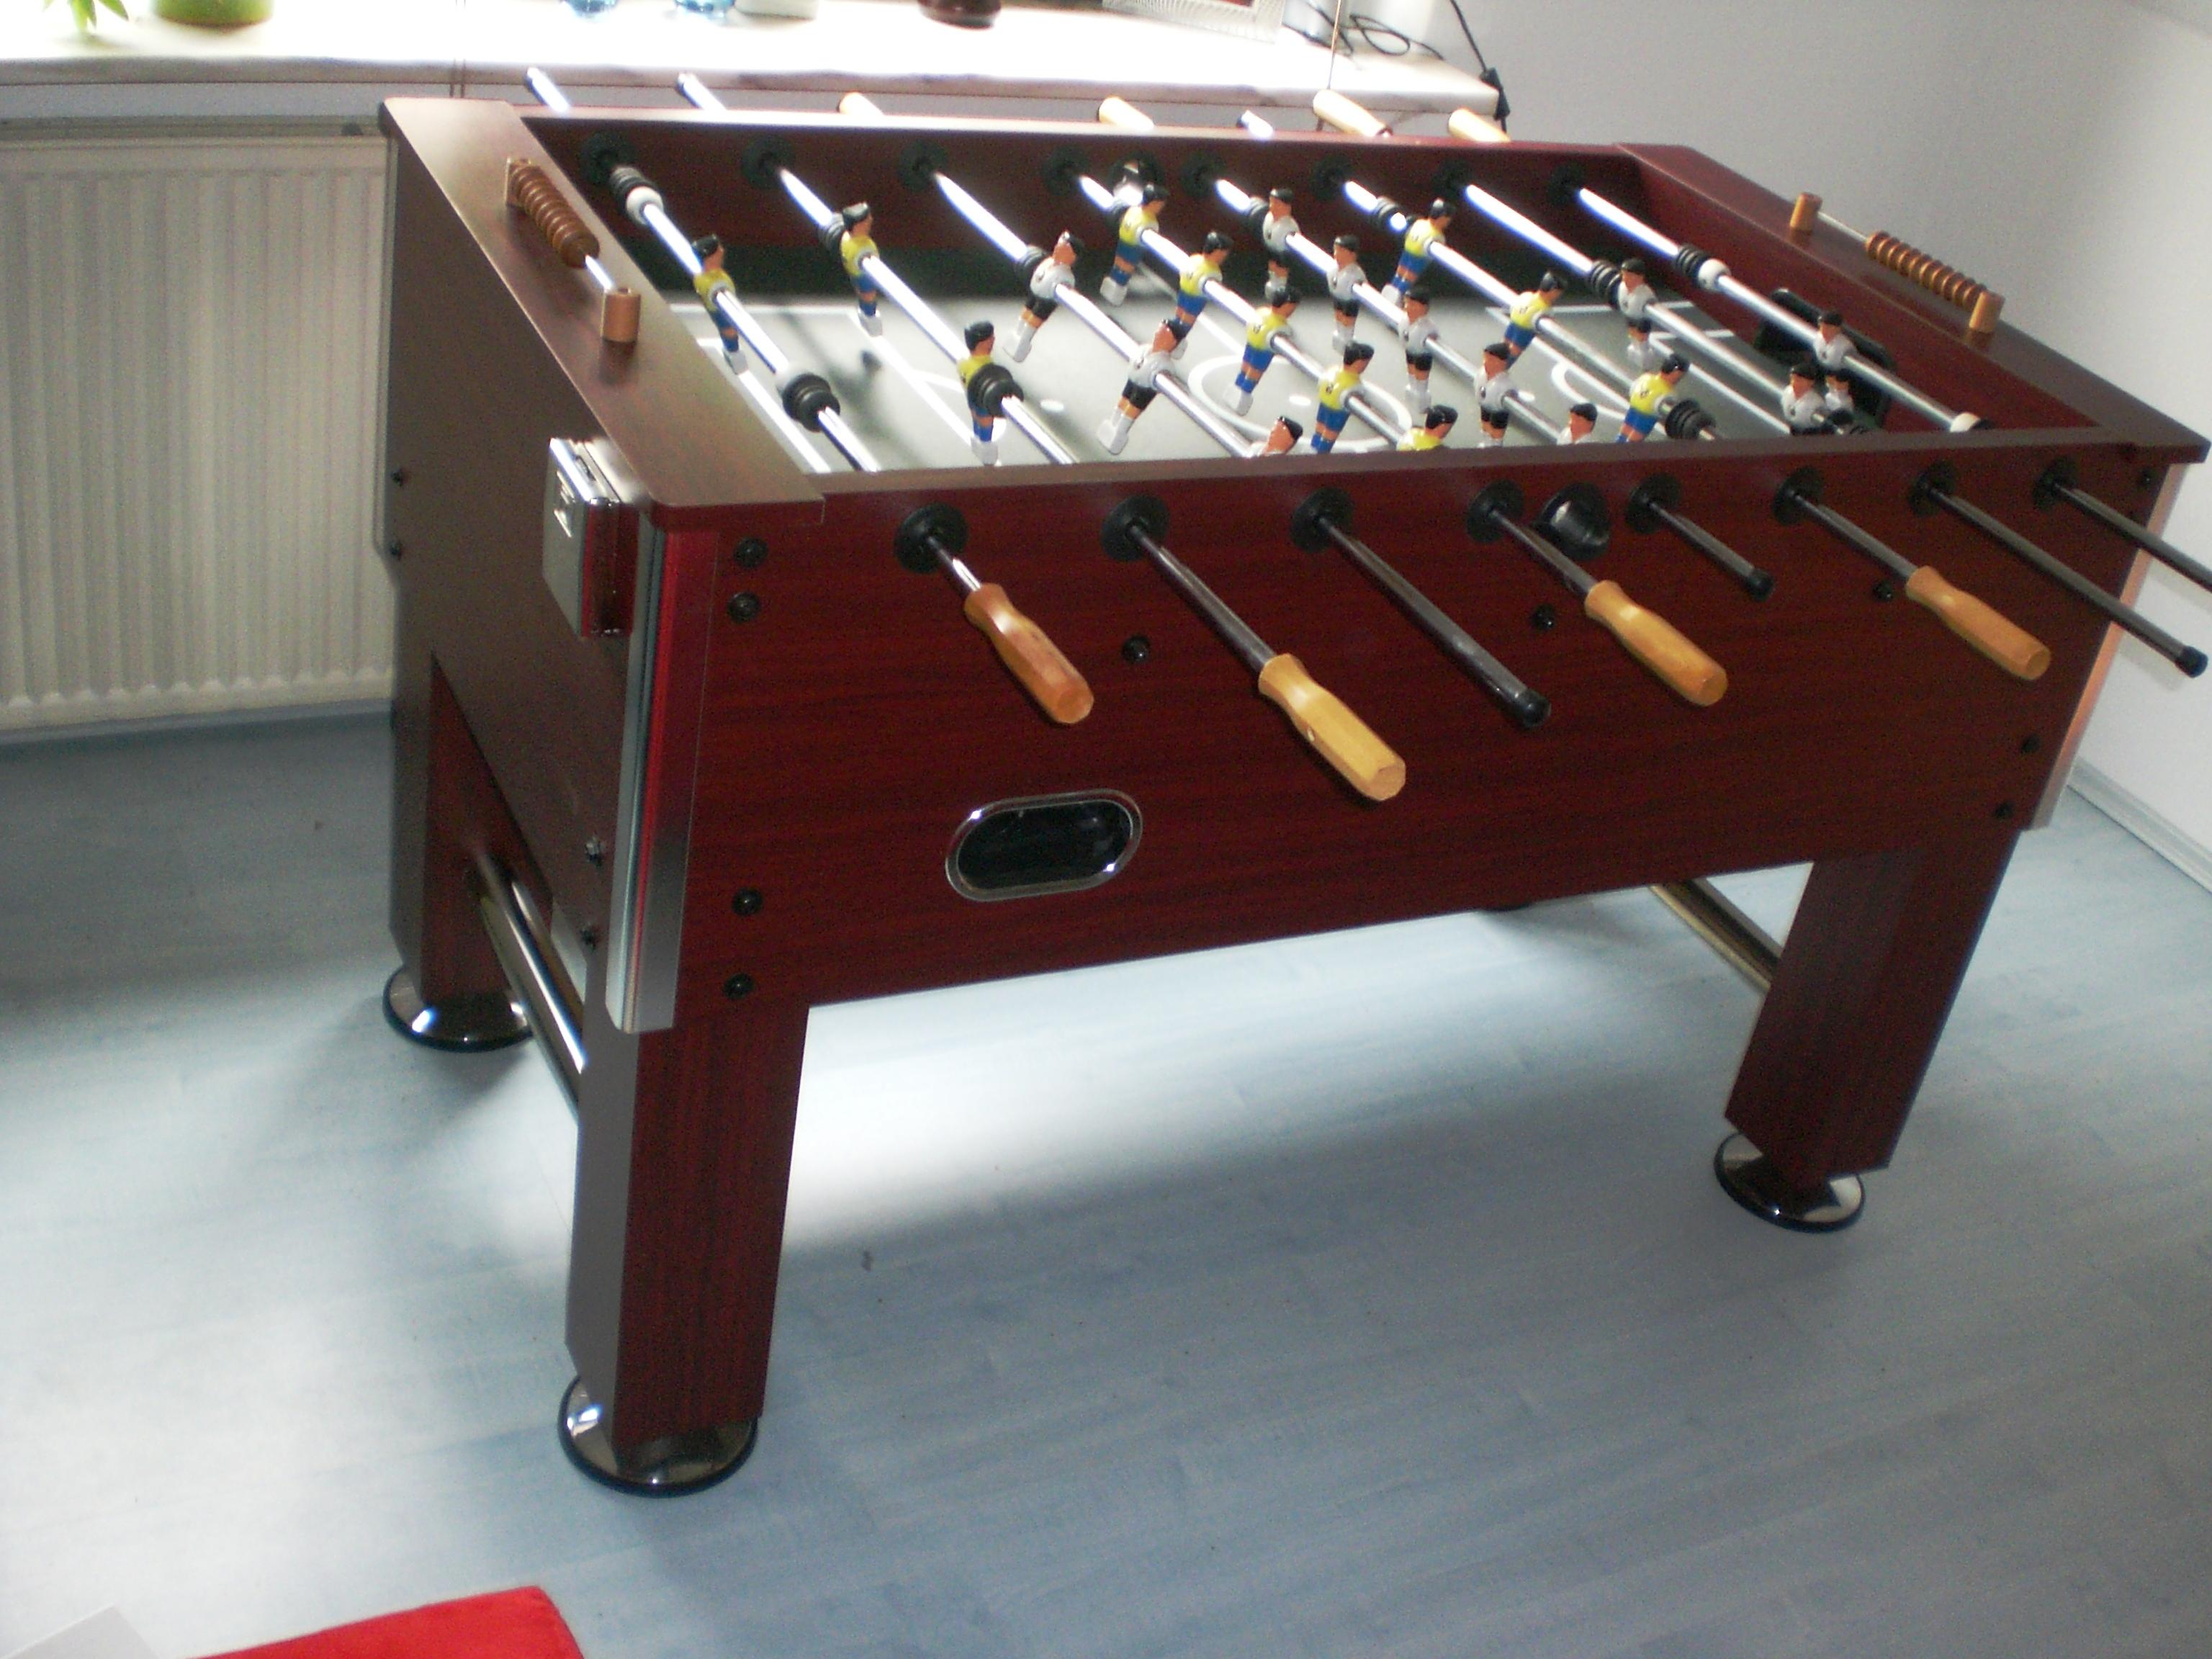 kickertisch goal profi kickertisch in lippstadt sport kleinanzeigen. Black Bedroom Furniture Sets. Home Design Ideas